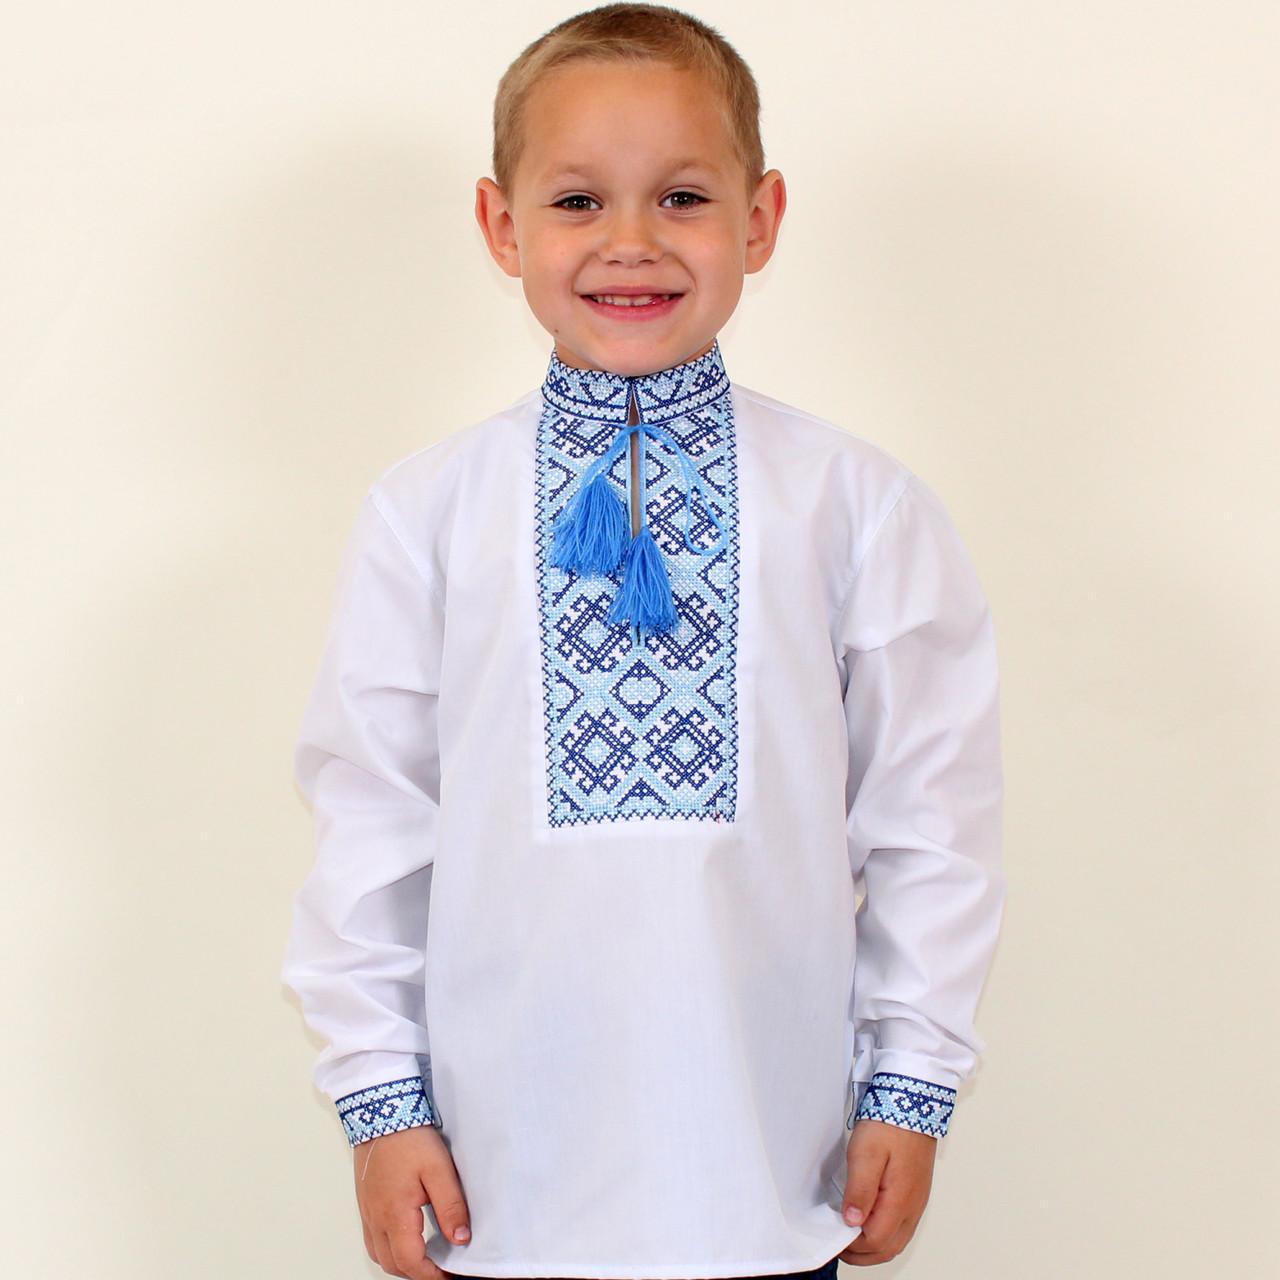 Вышиванка для мальчика Грицько вышивка синяя